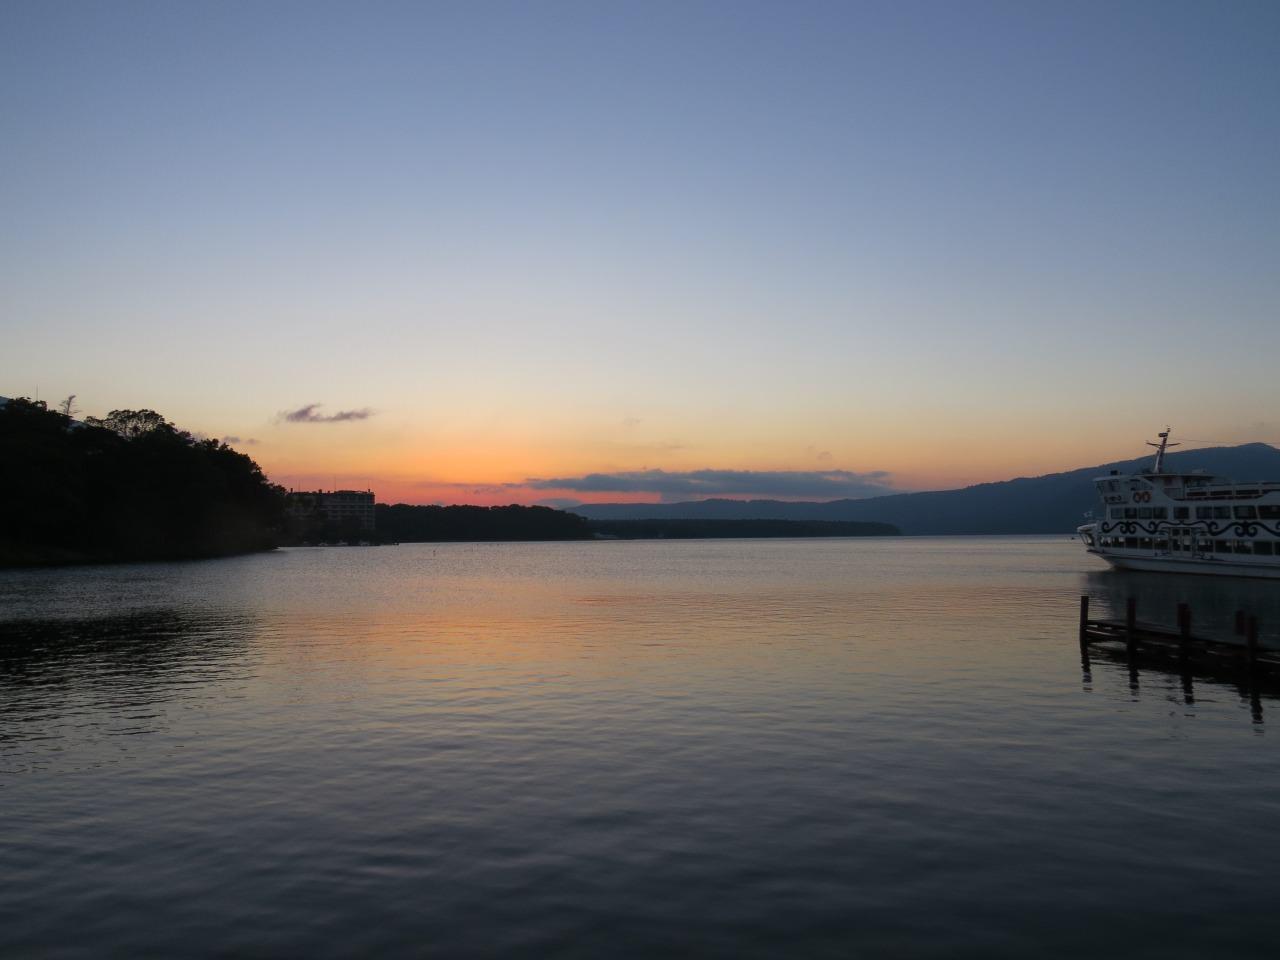 阿寒湖畔,映襯黃昏,頗有朦朧之美.